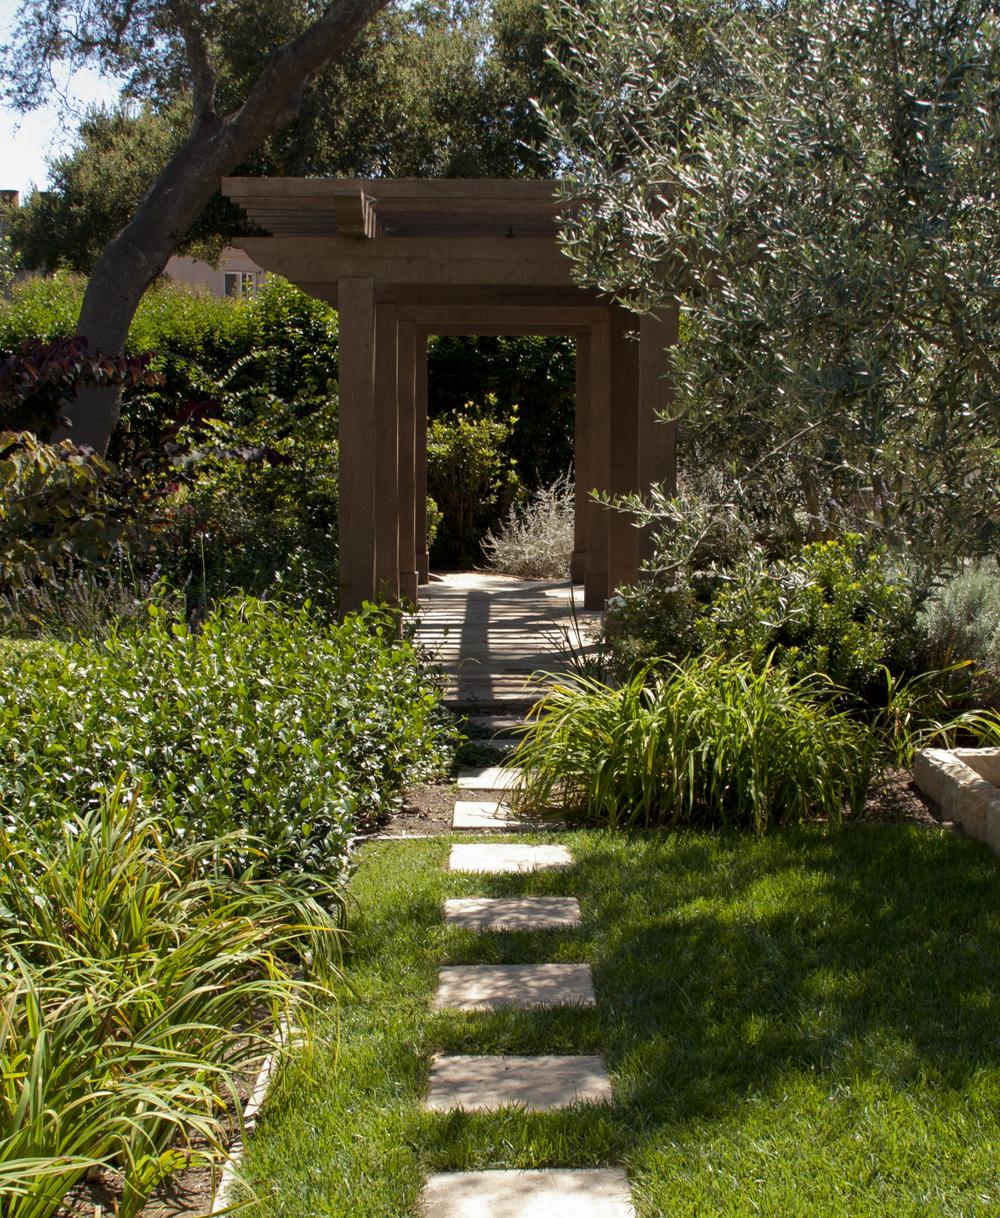 Arbor in the Garden